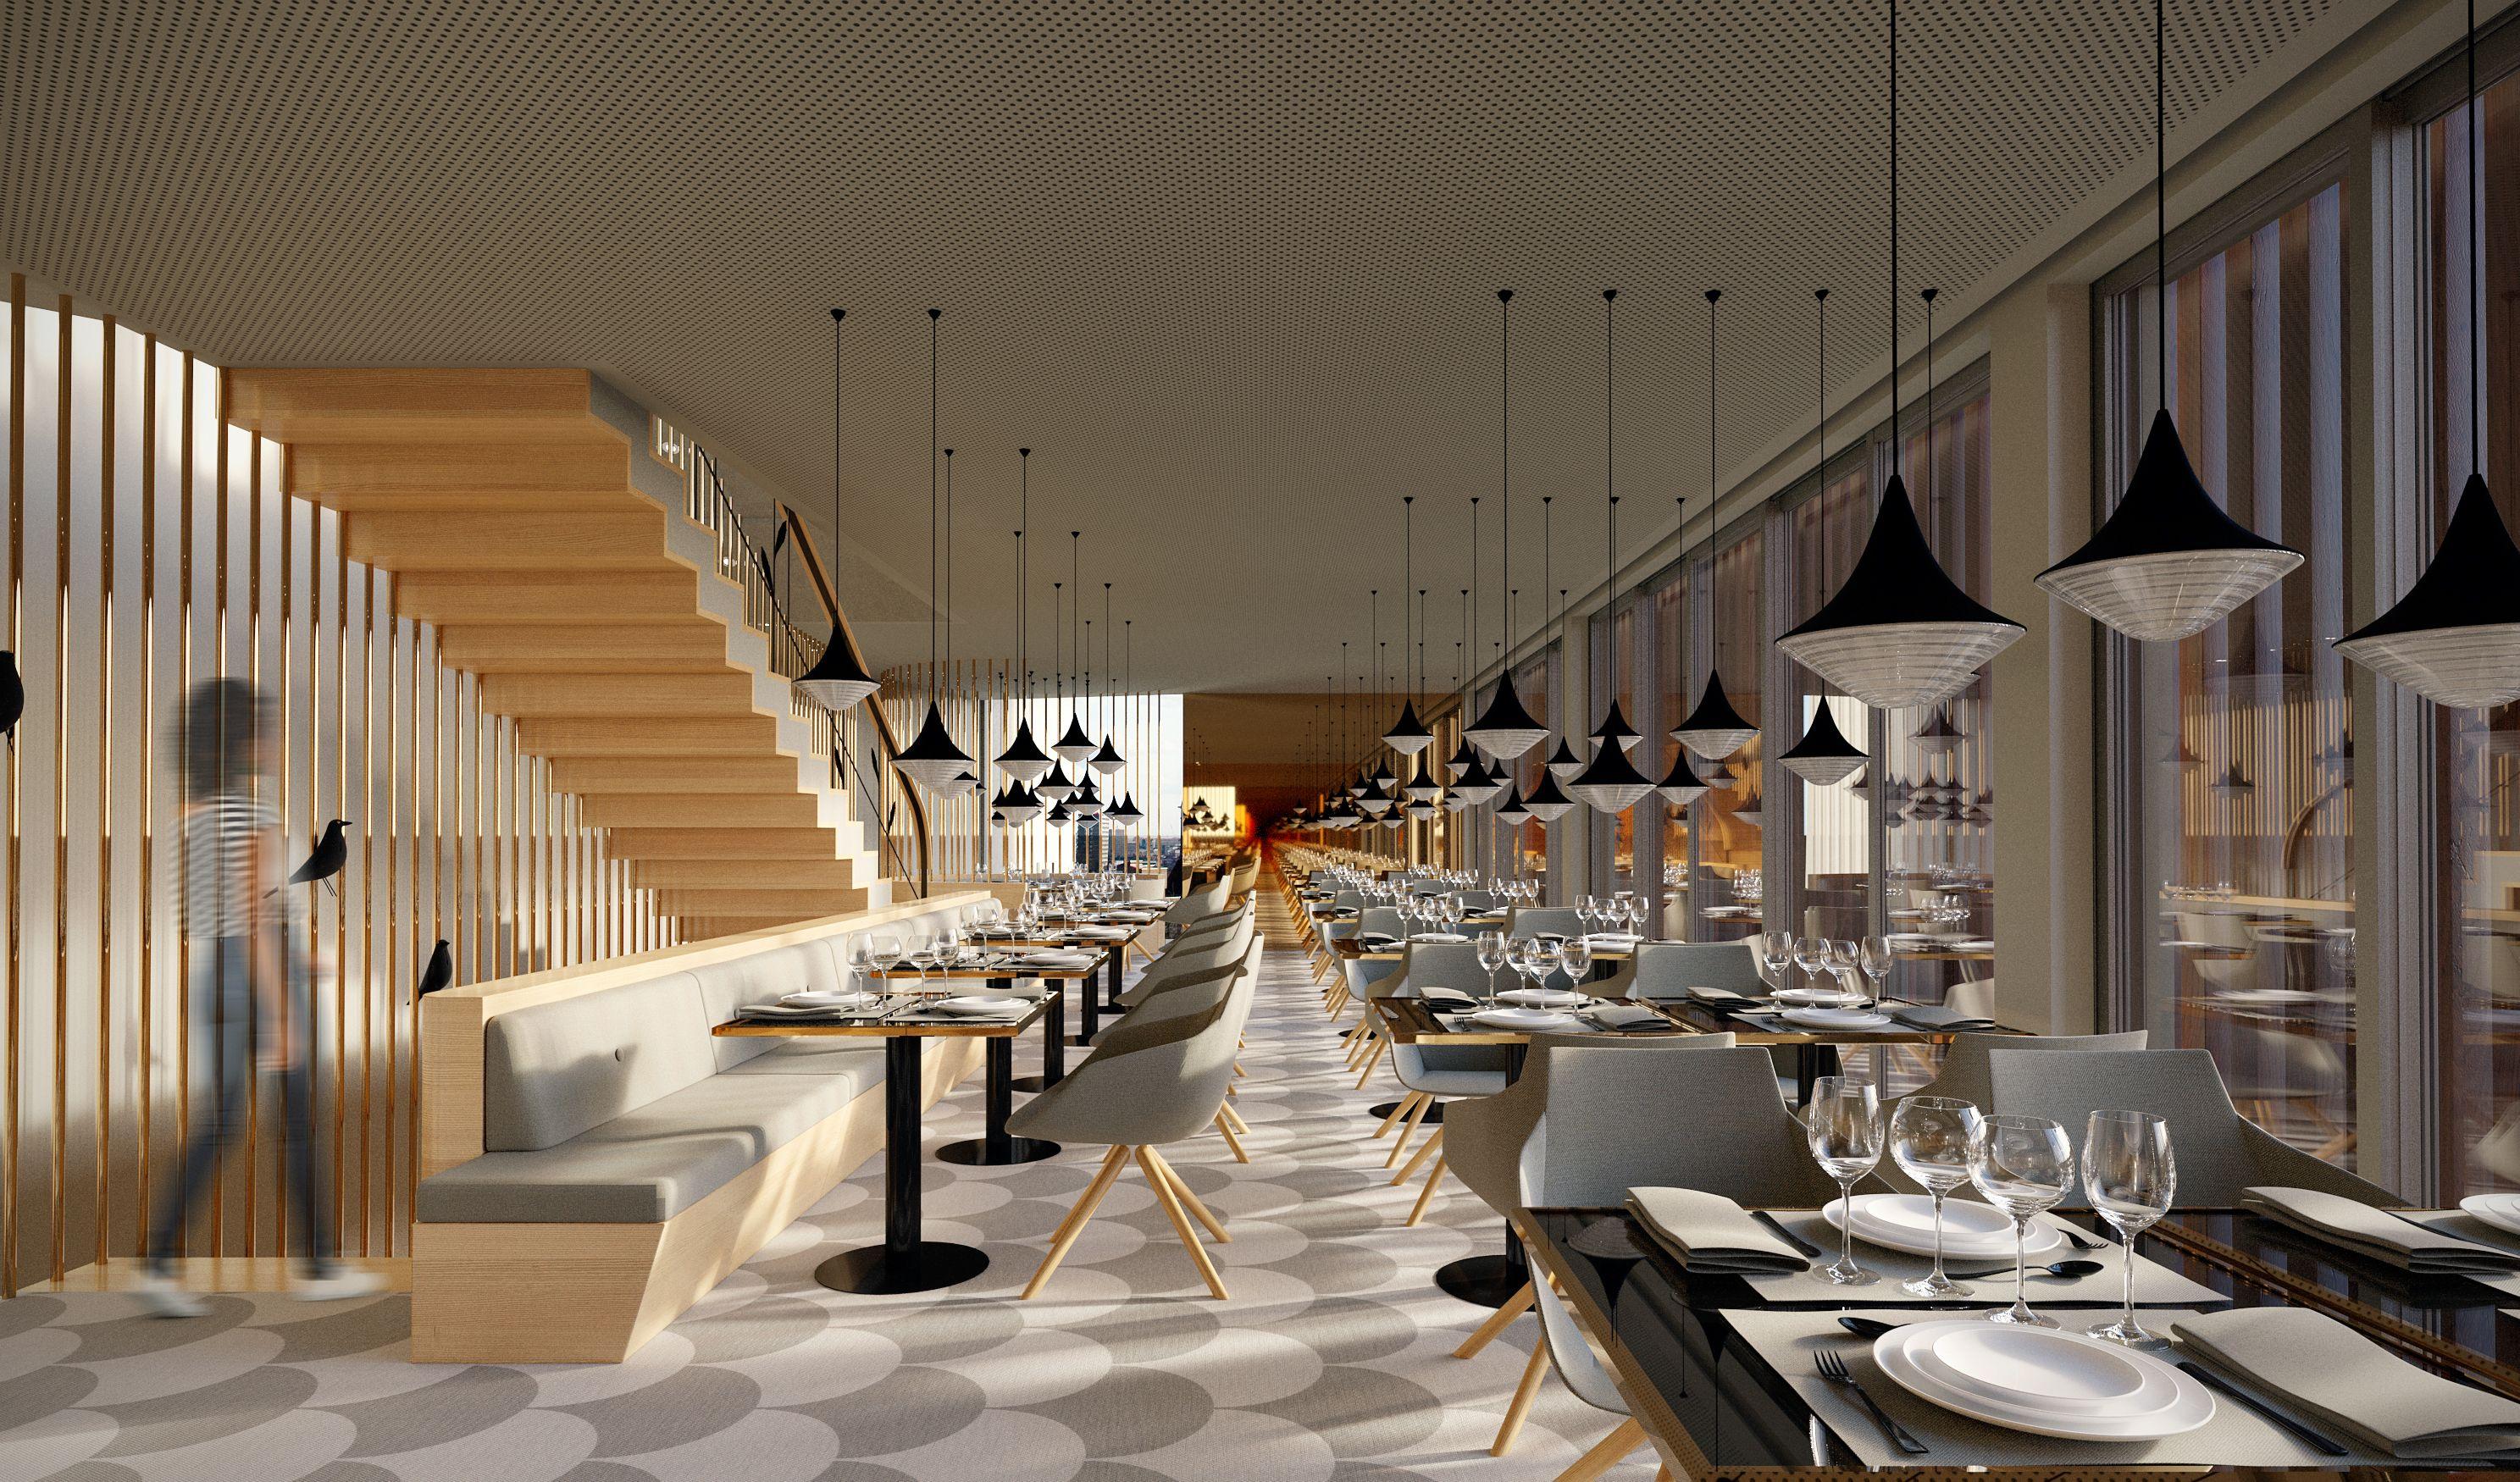 #MeirelesArquitectos #3D #3Drendering #Render #Architecture #Perspective  #Building #Restaurant